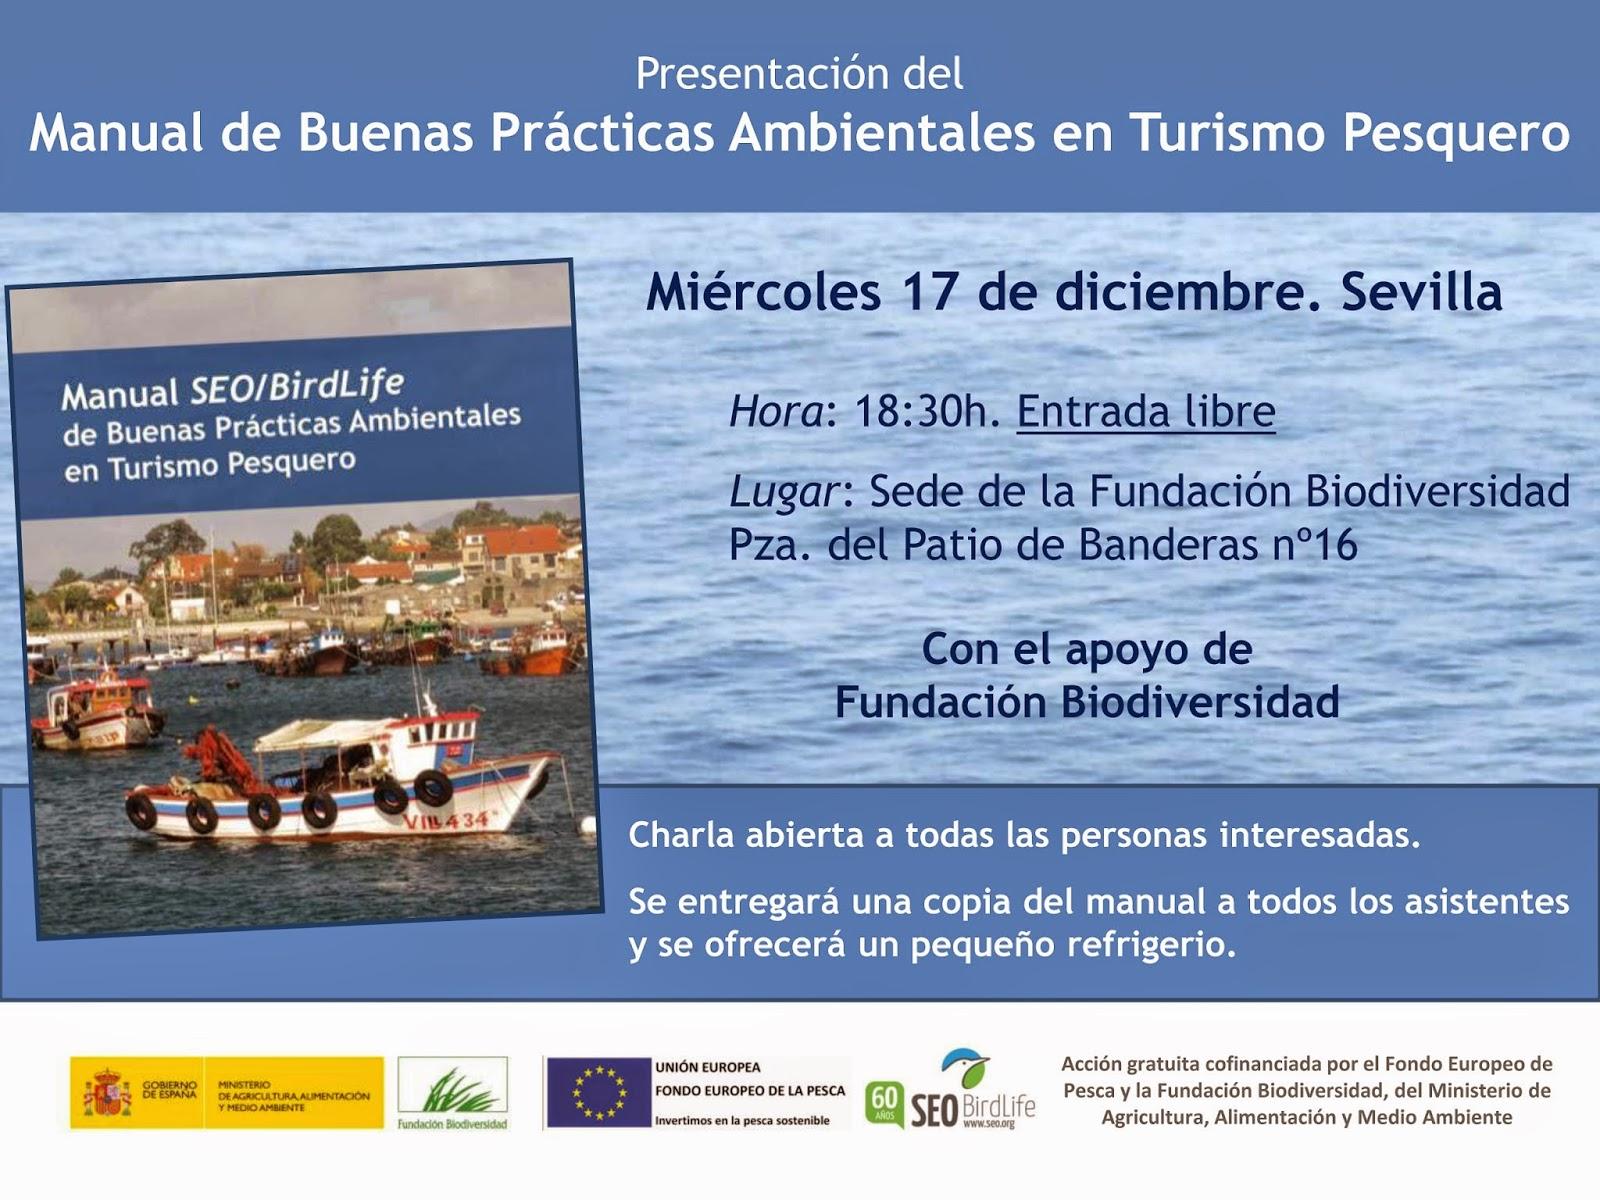 Presentación del Manual de Buenas Prácticas Ambientales en Turismo Pesquero